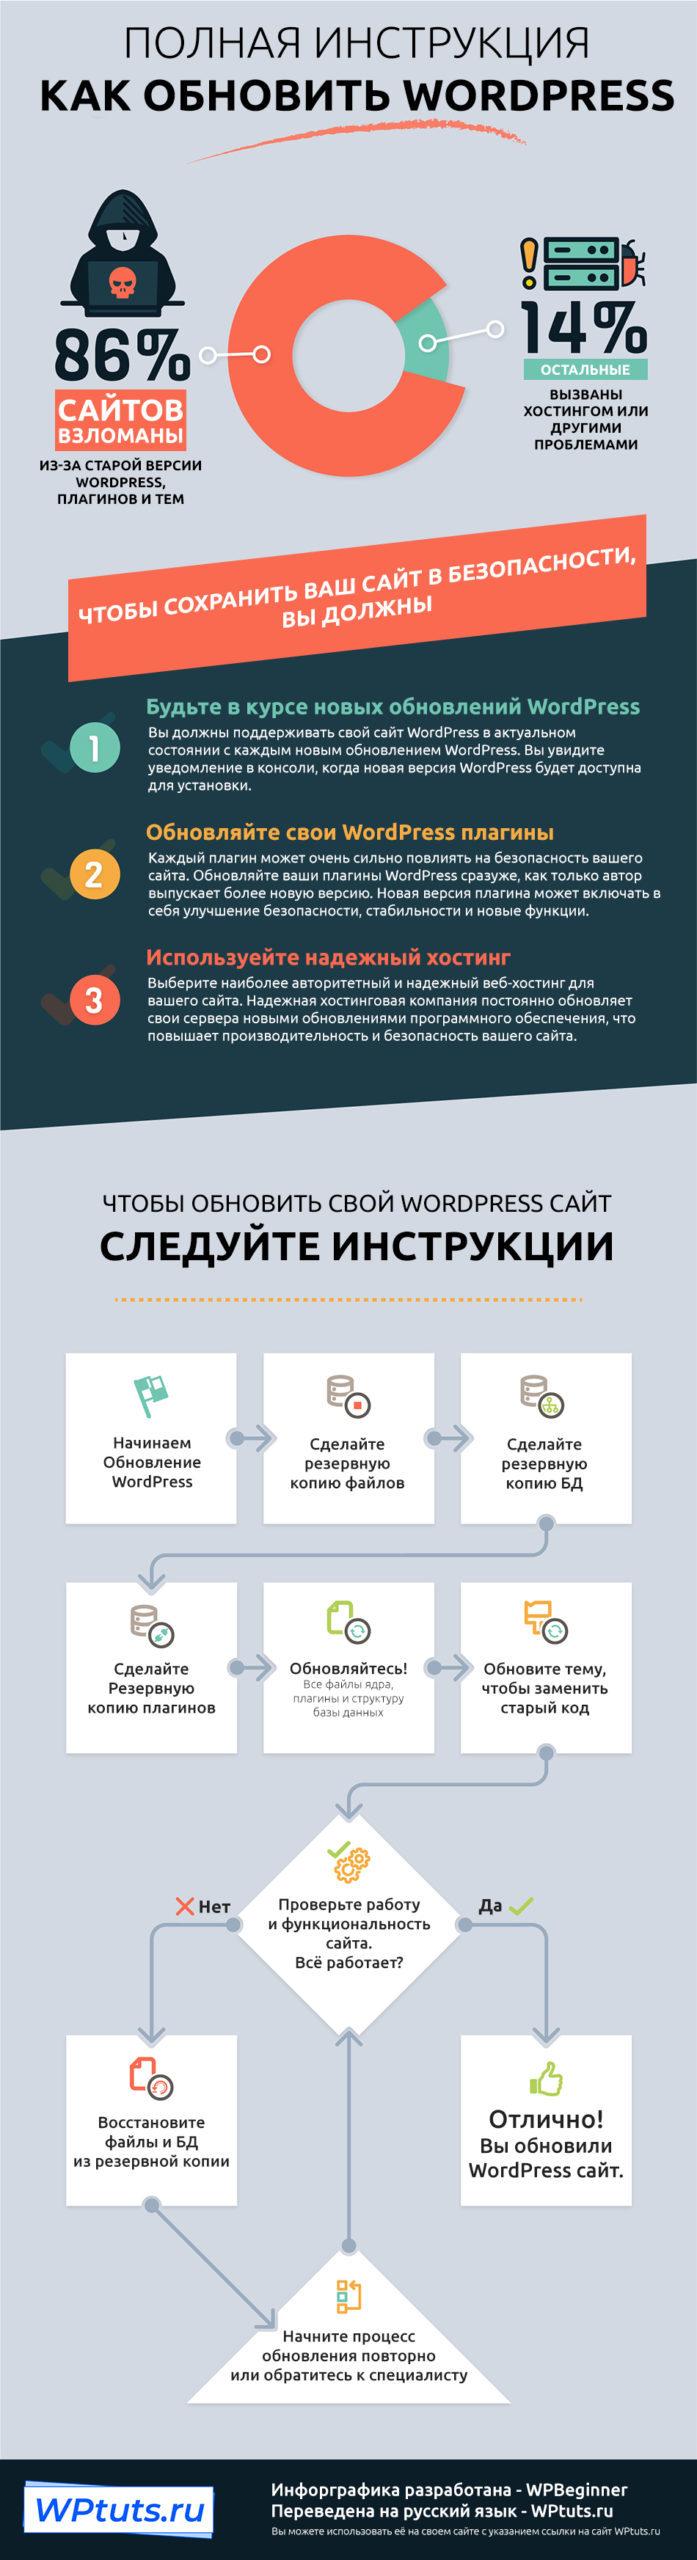 Как безопасно обновить WordPress - crop 0 0 697 2560 0 kak obnovit wordpress infografika scaled